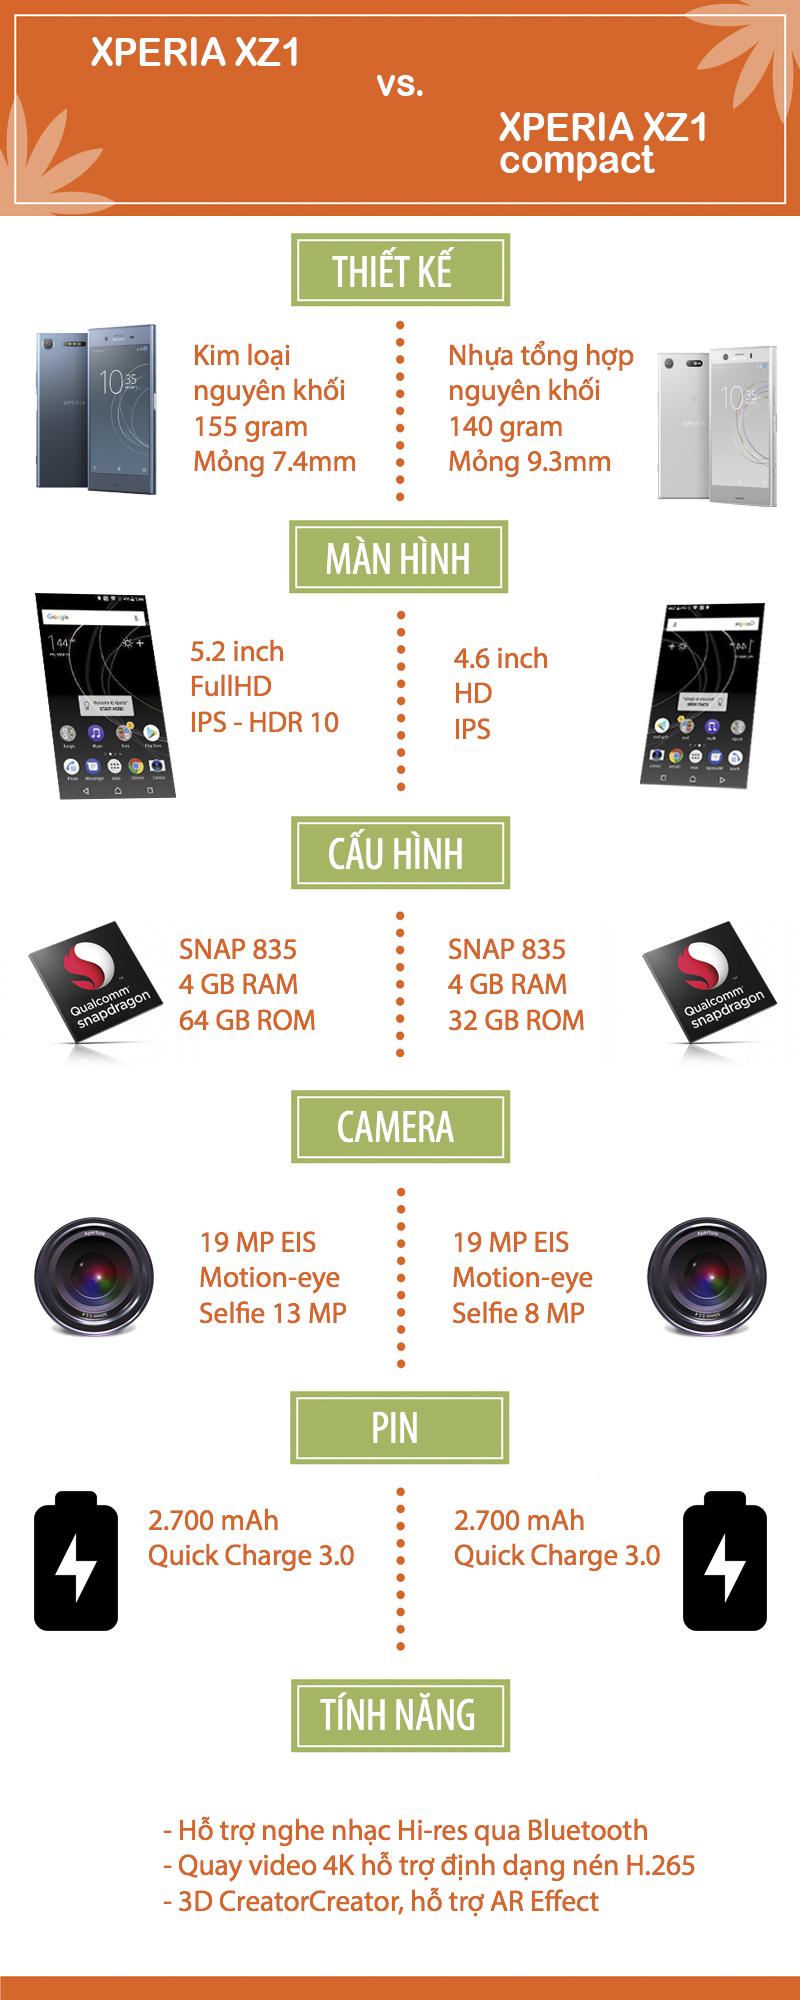 So sánh Xperia XZ1 và Xperia XZ1 compact